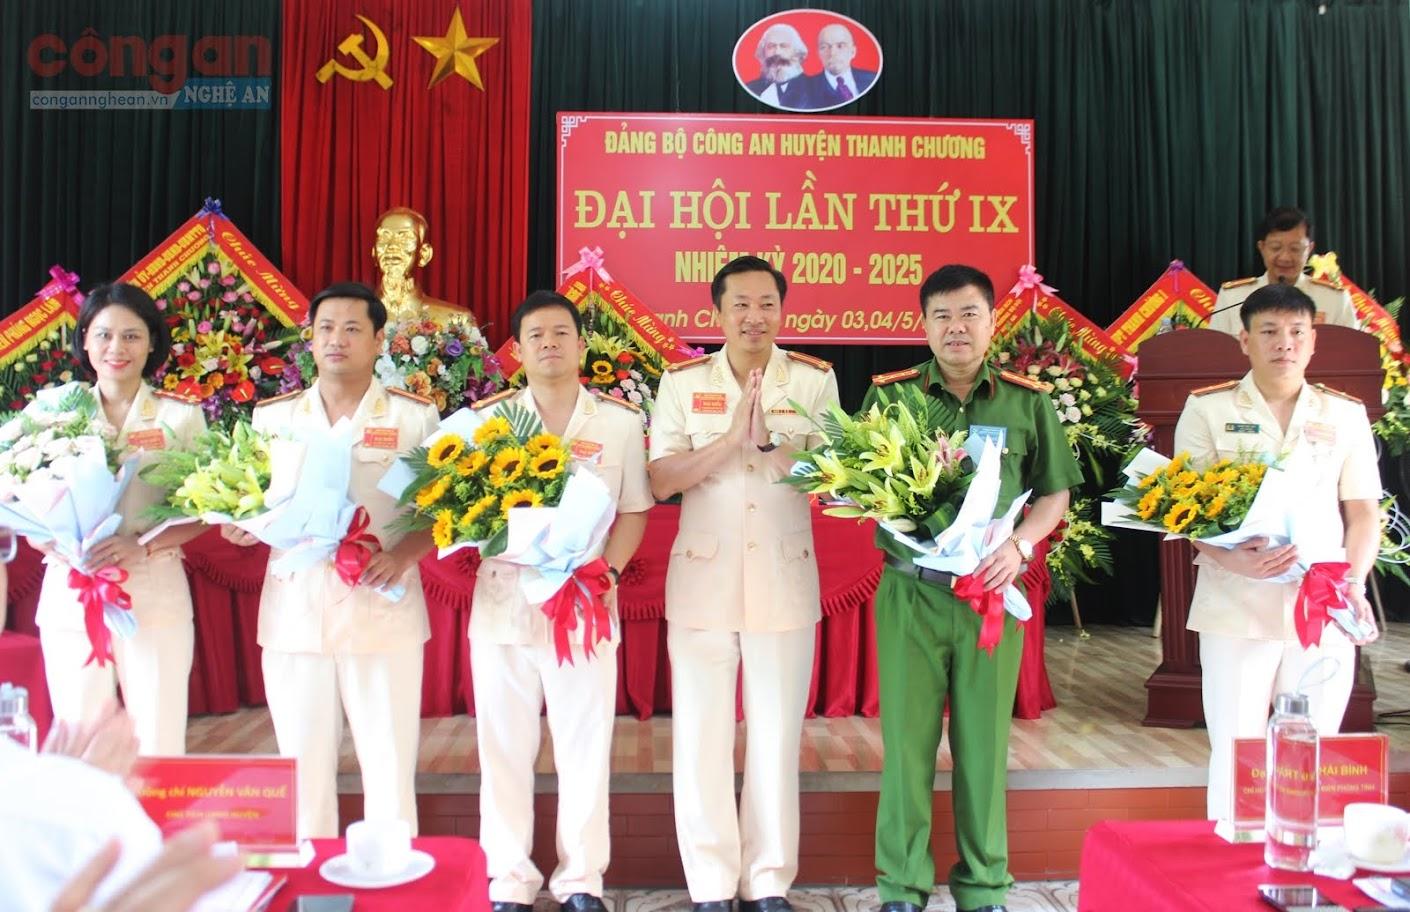 Trung tá Phan Tuấn Anh, Bí thư Đảng uỷ, Trưởng Công an huyện tặng hoa các đồng chí nguyên Uỷ viên BCH Đảng bộ nhiệm kỳ 2015 - 2020